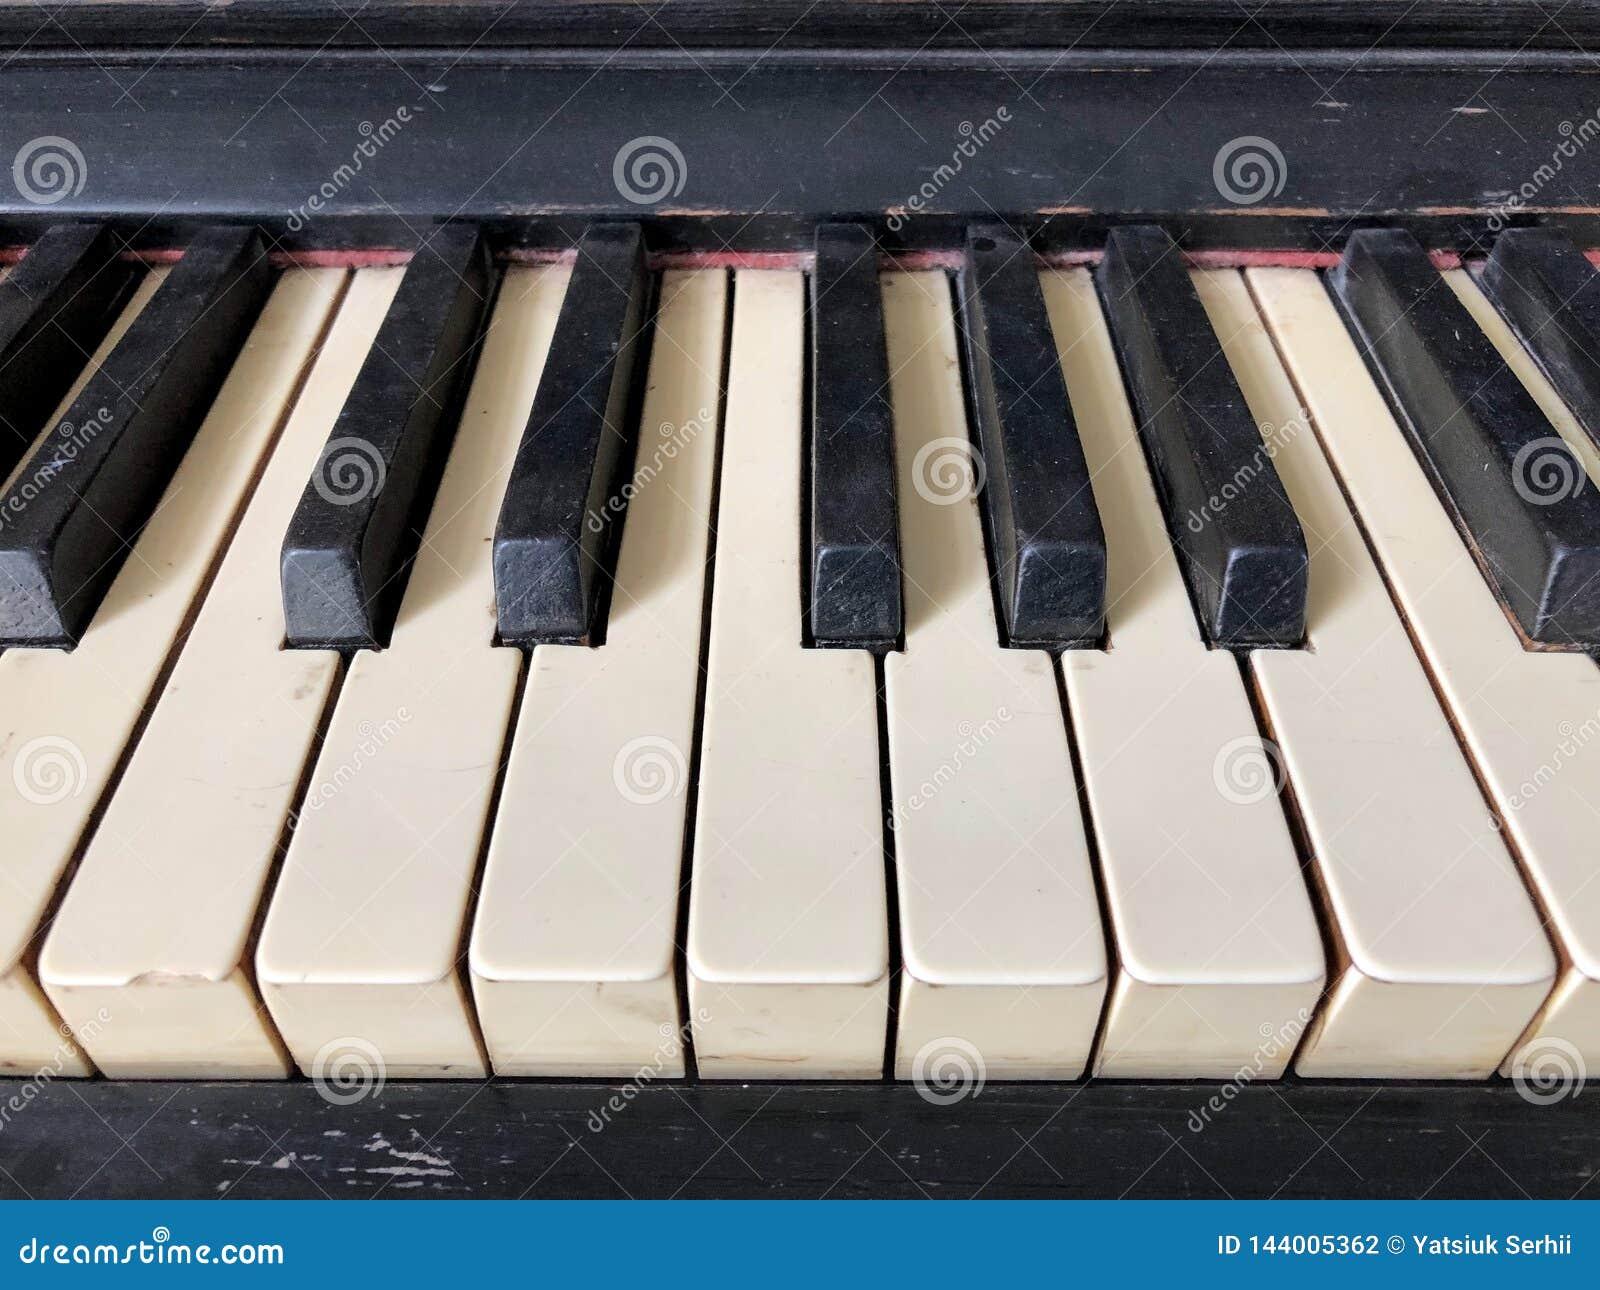 Old piano keys  stock photo  Image of harmony, classical